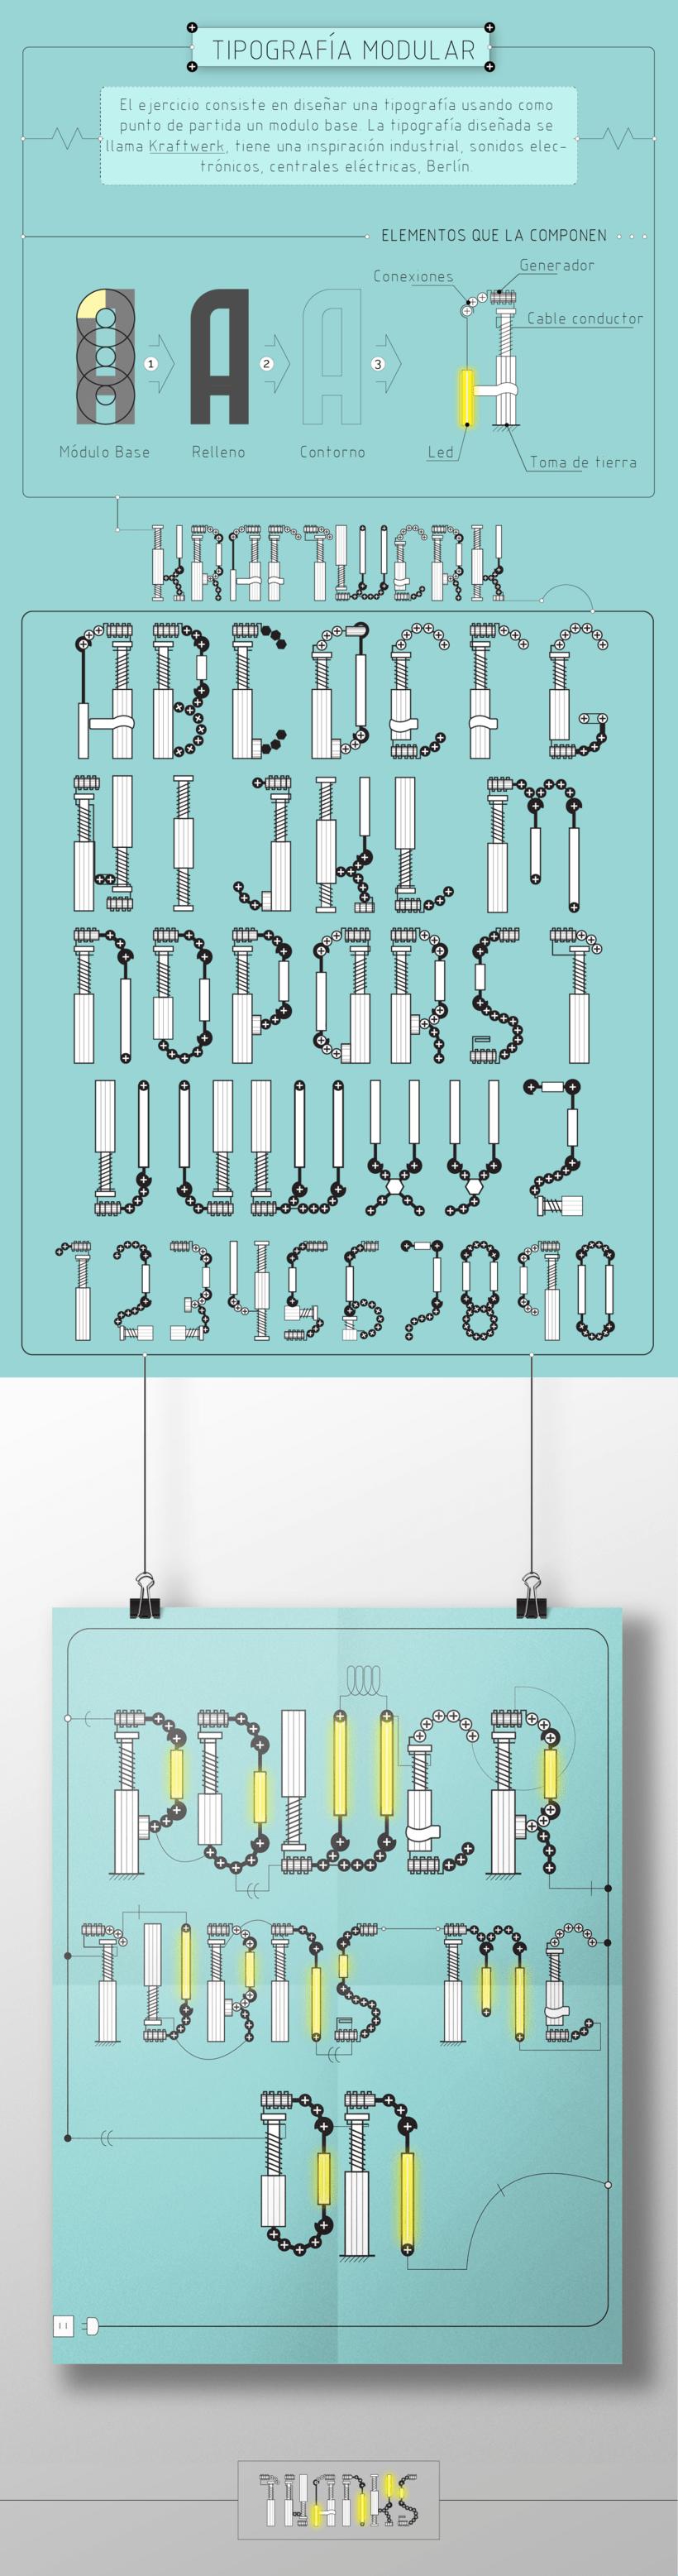 Diseño de Tipografía Modular 0